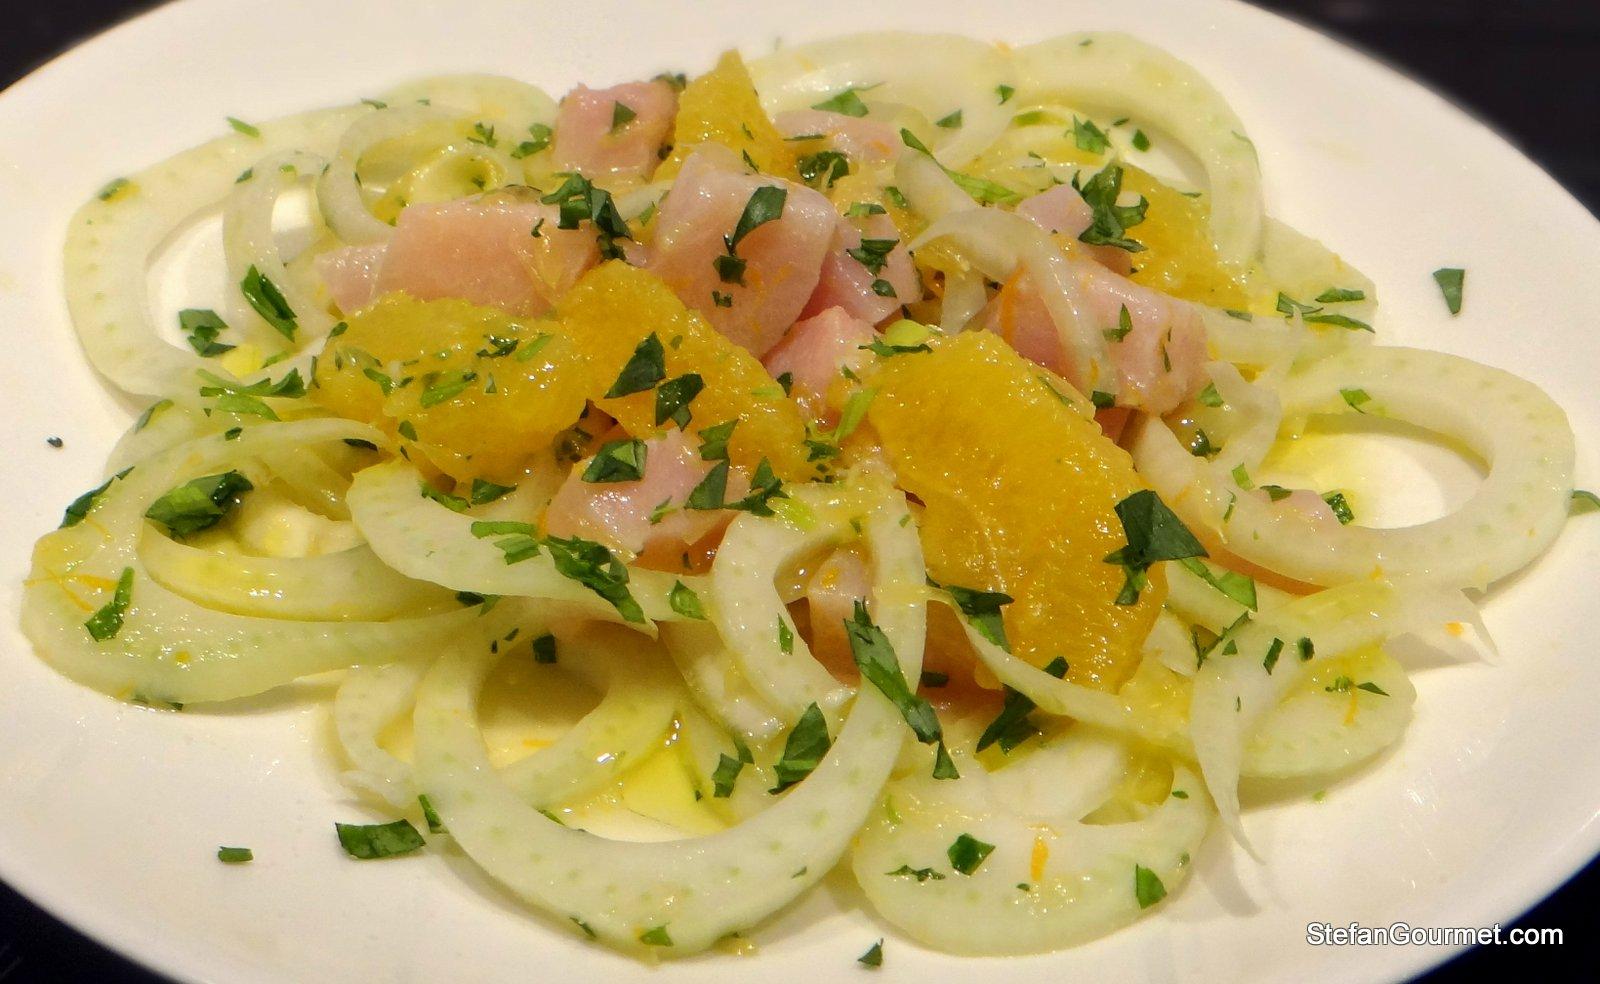 Swordish, Fennel and Orange Salad | Stefan's Gourmet Blog